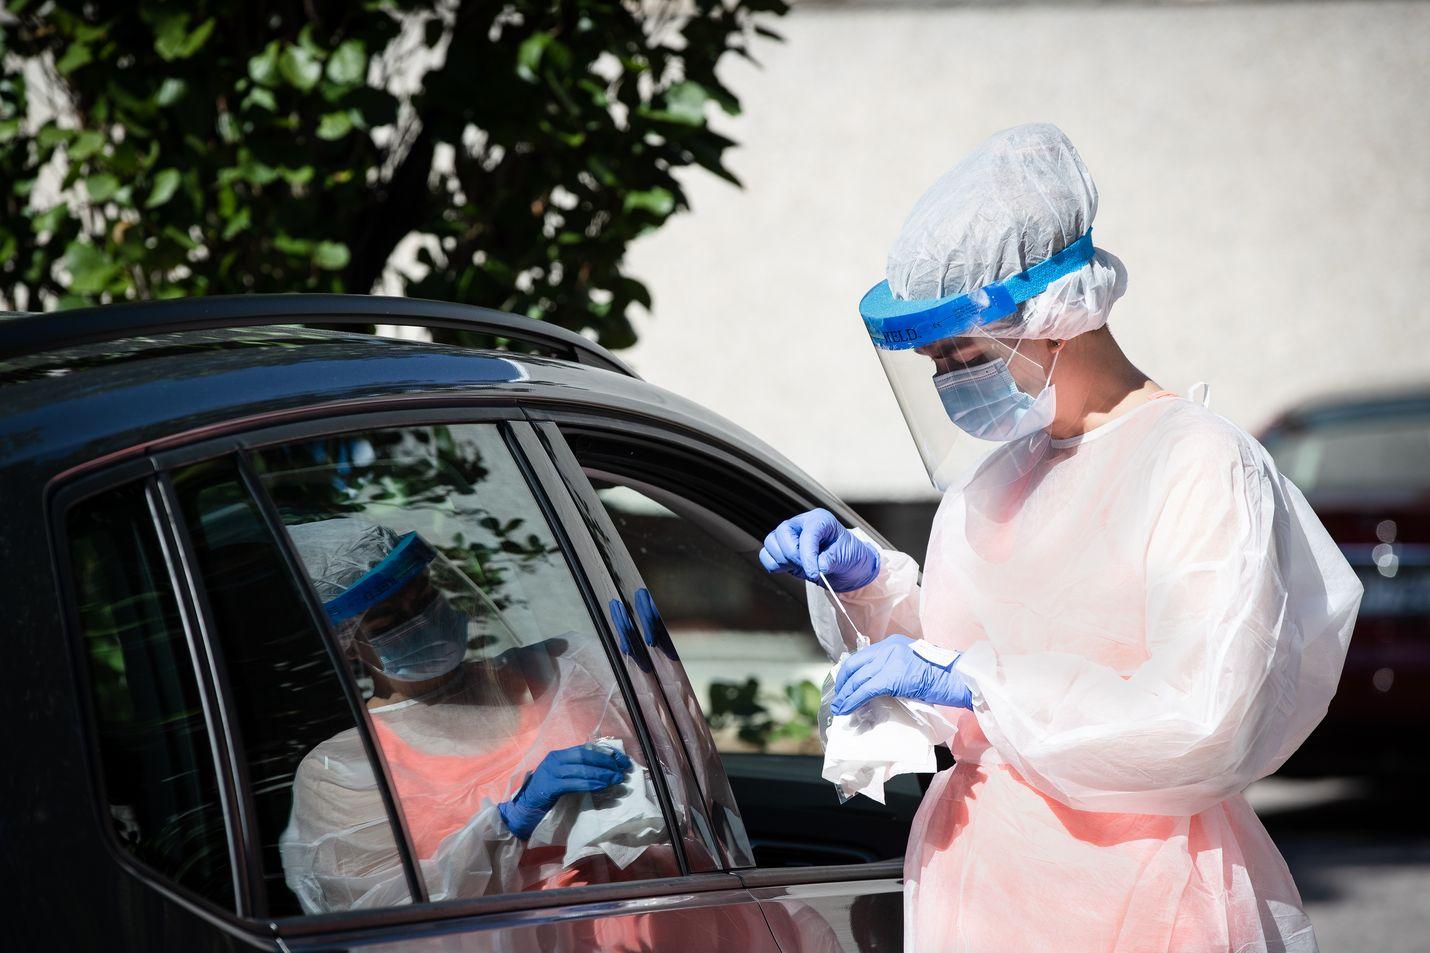 Terveyspalveluyhtiö Mehiläisen drive-in-pisteessä tehtiin koronavirustestejä viime elokuussa.